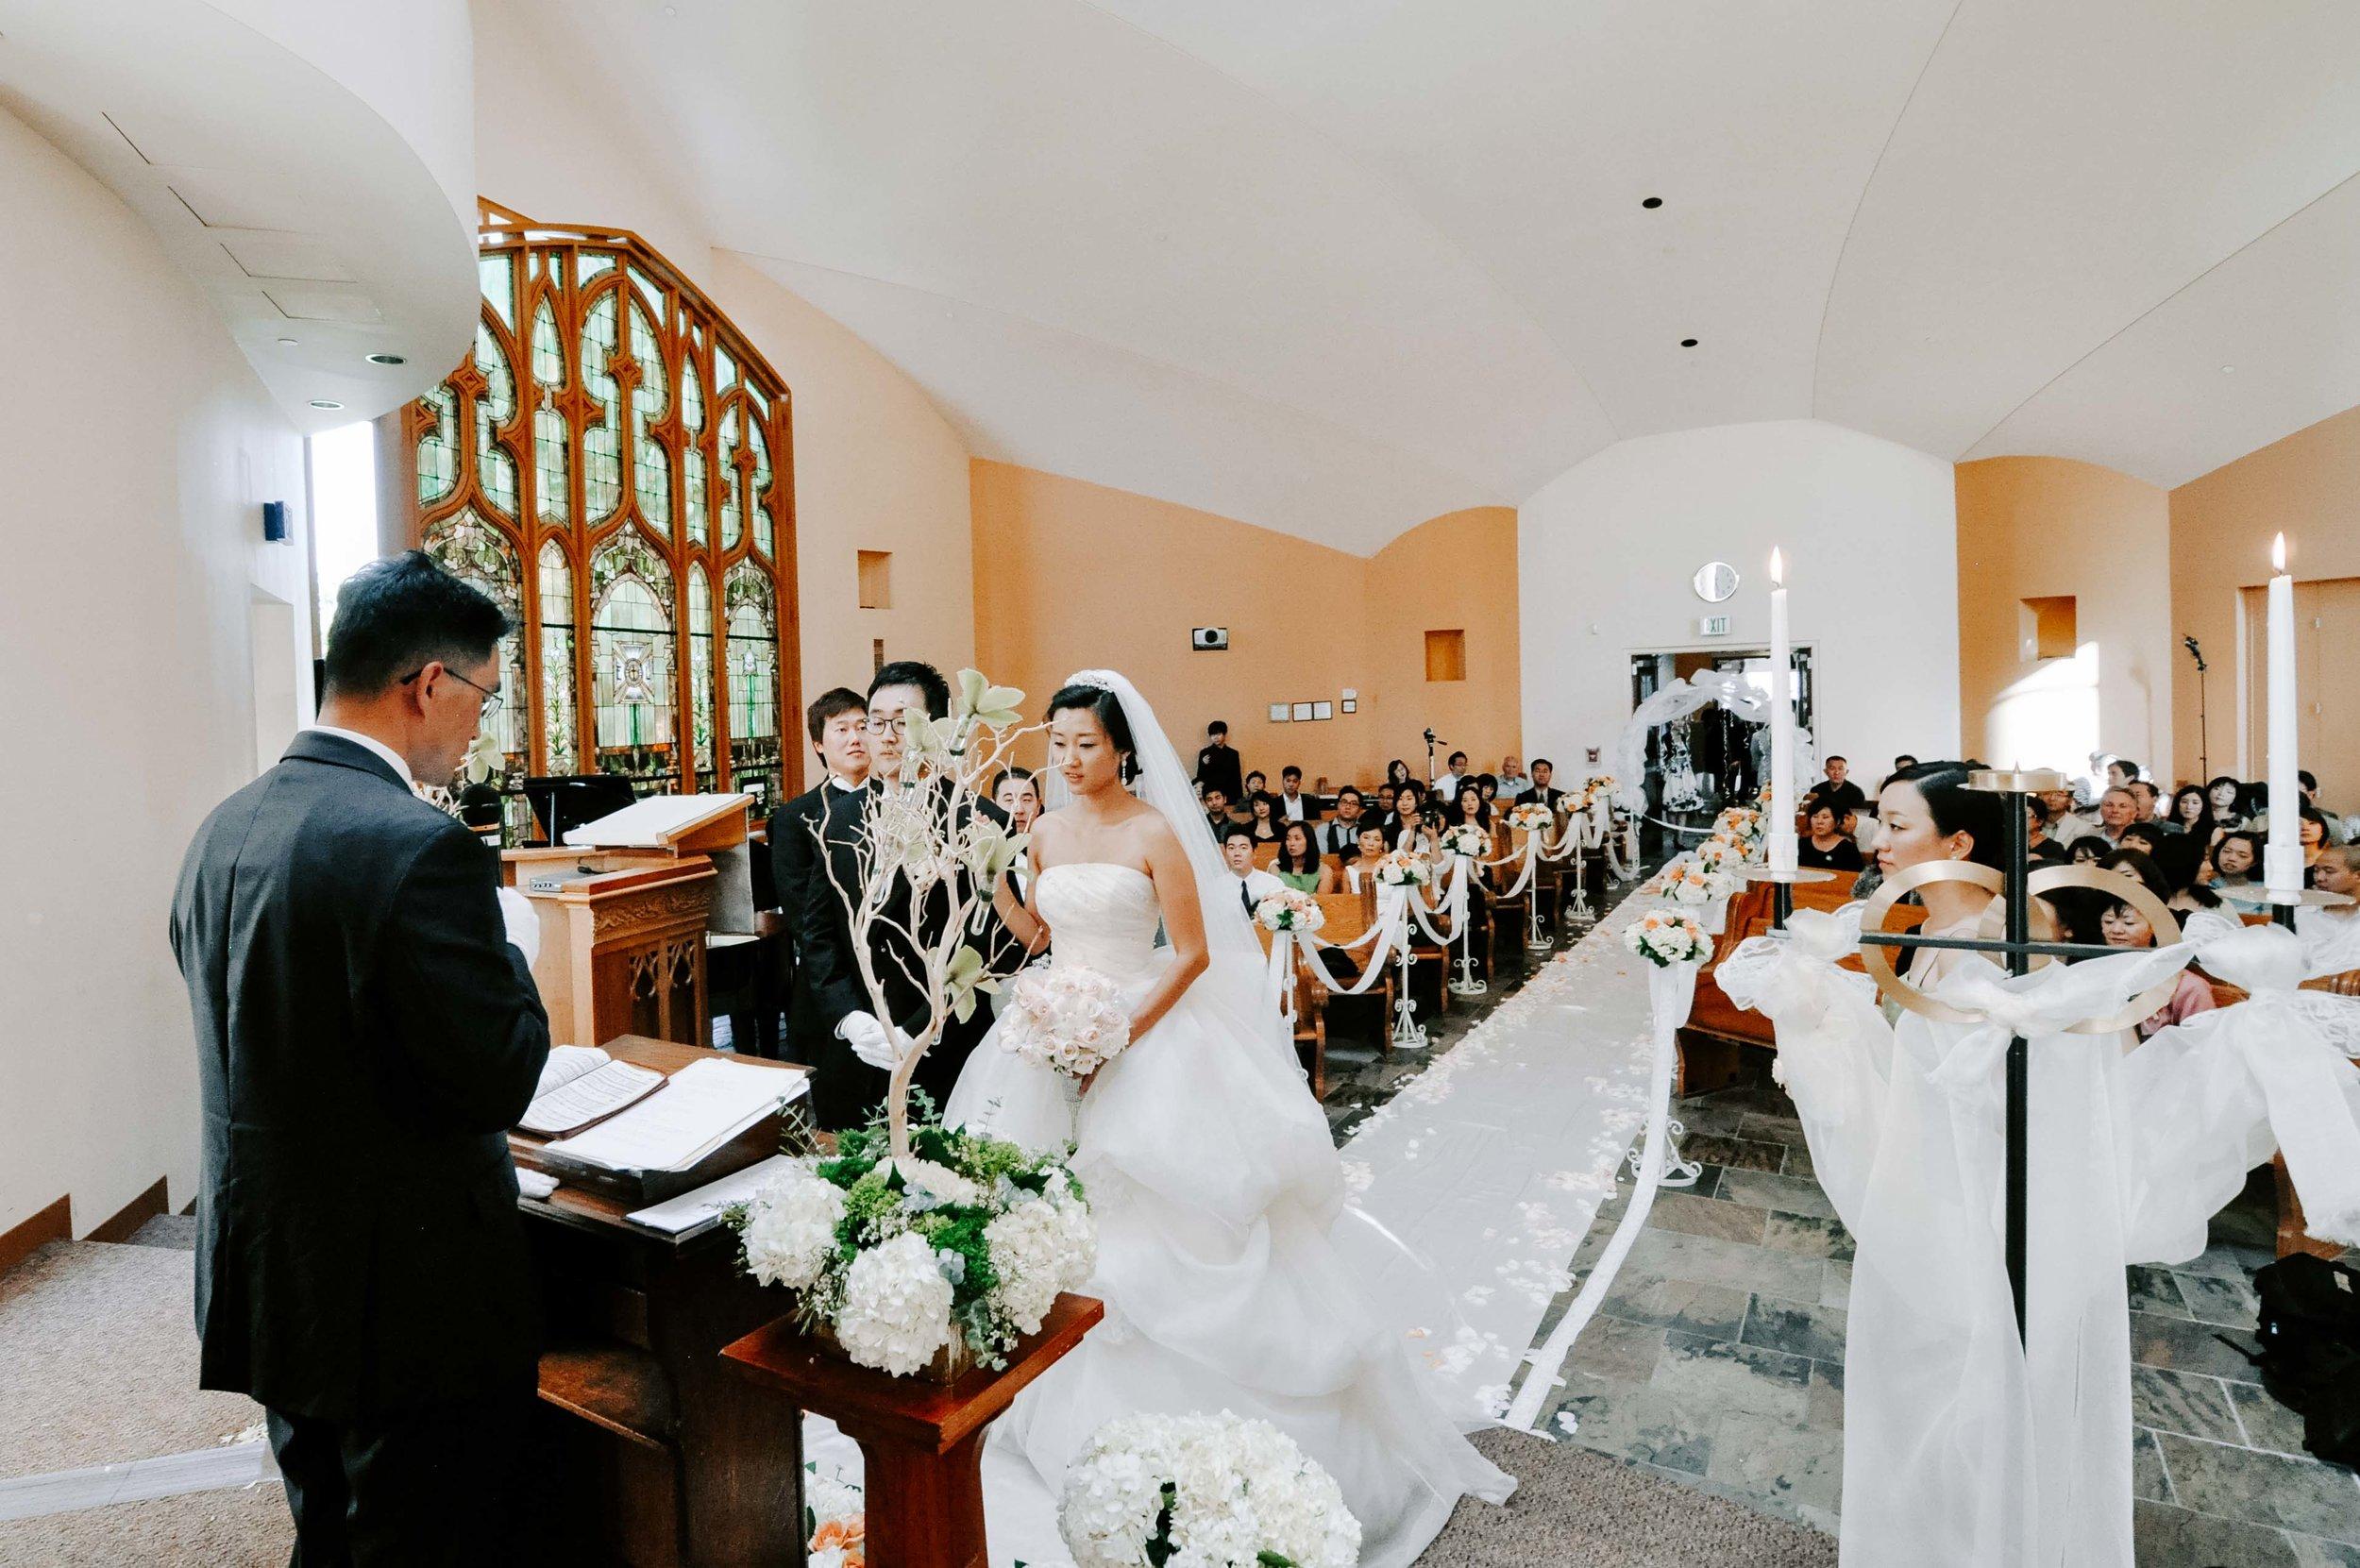 Los Angeles Chapel Wedding